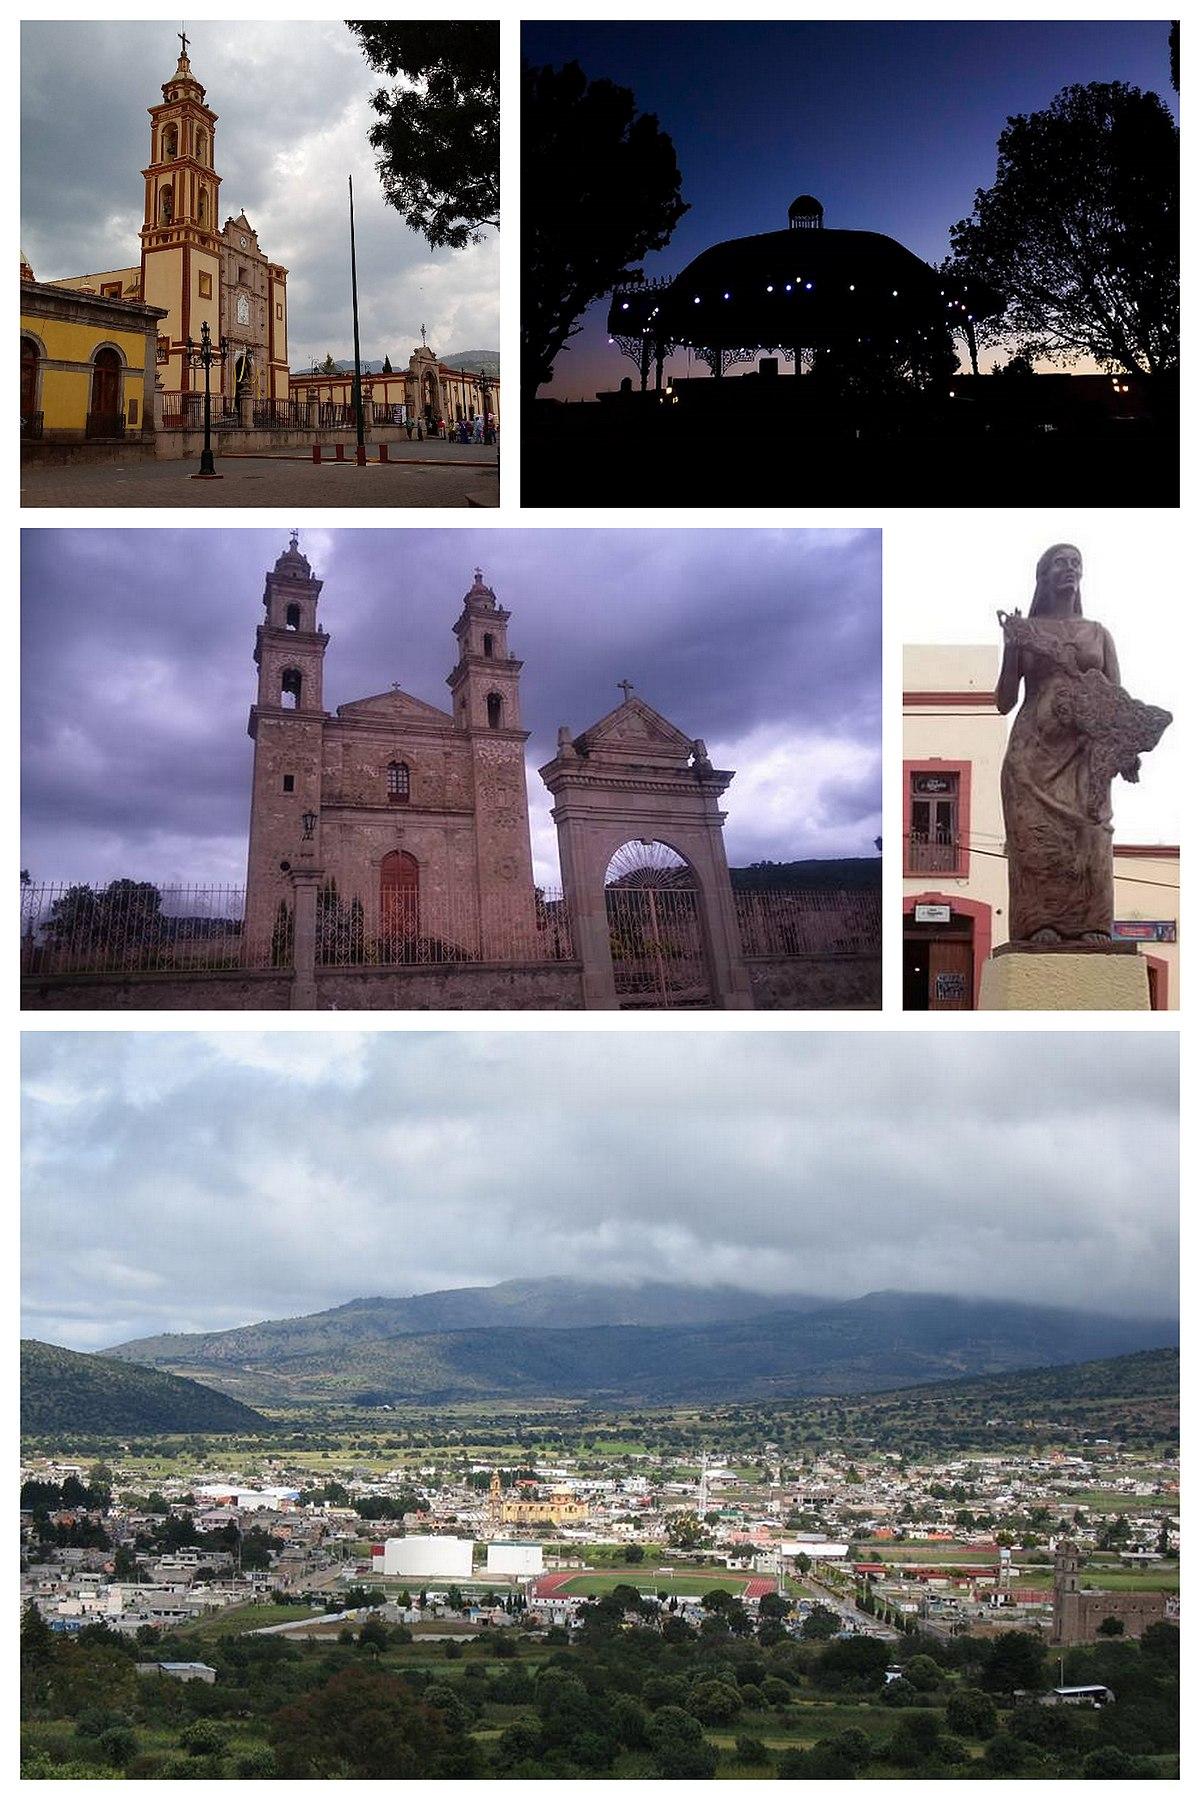 La victoria de mexico - 2 part 9